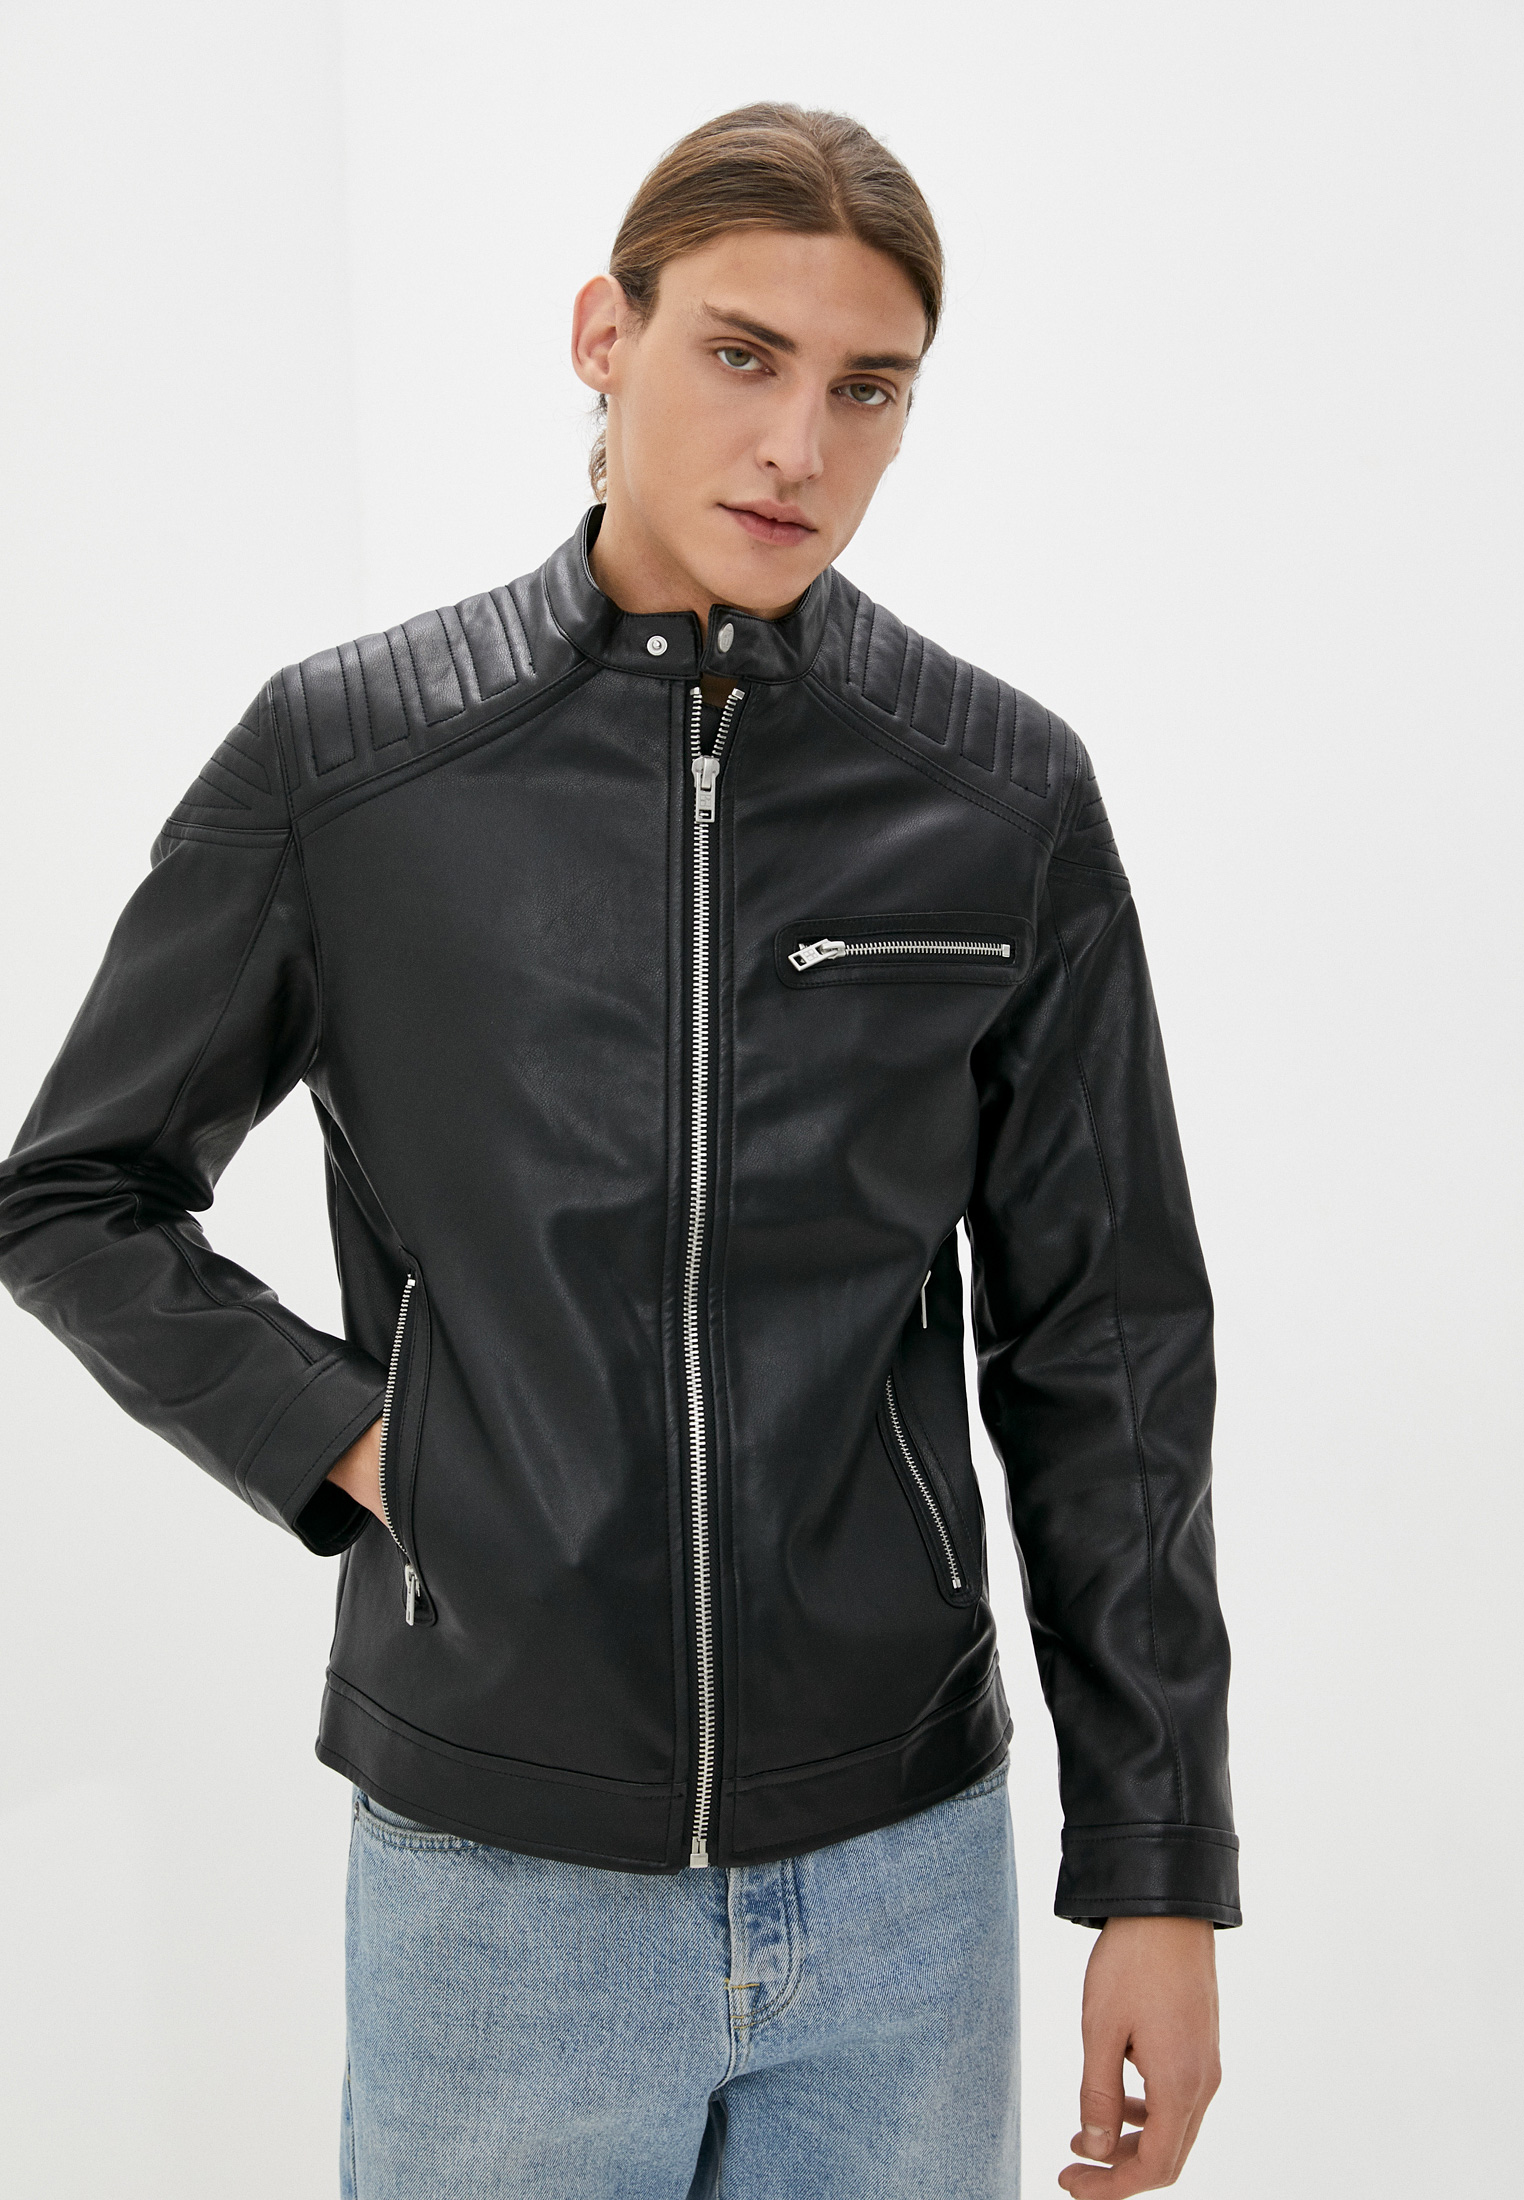 Кожаная куртка Haily's Куртка кожаная Haily's